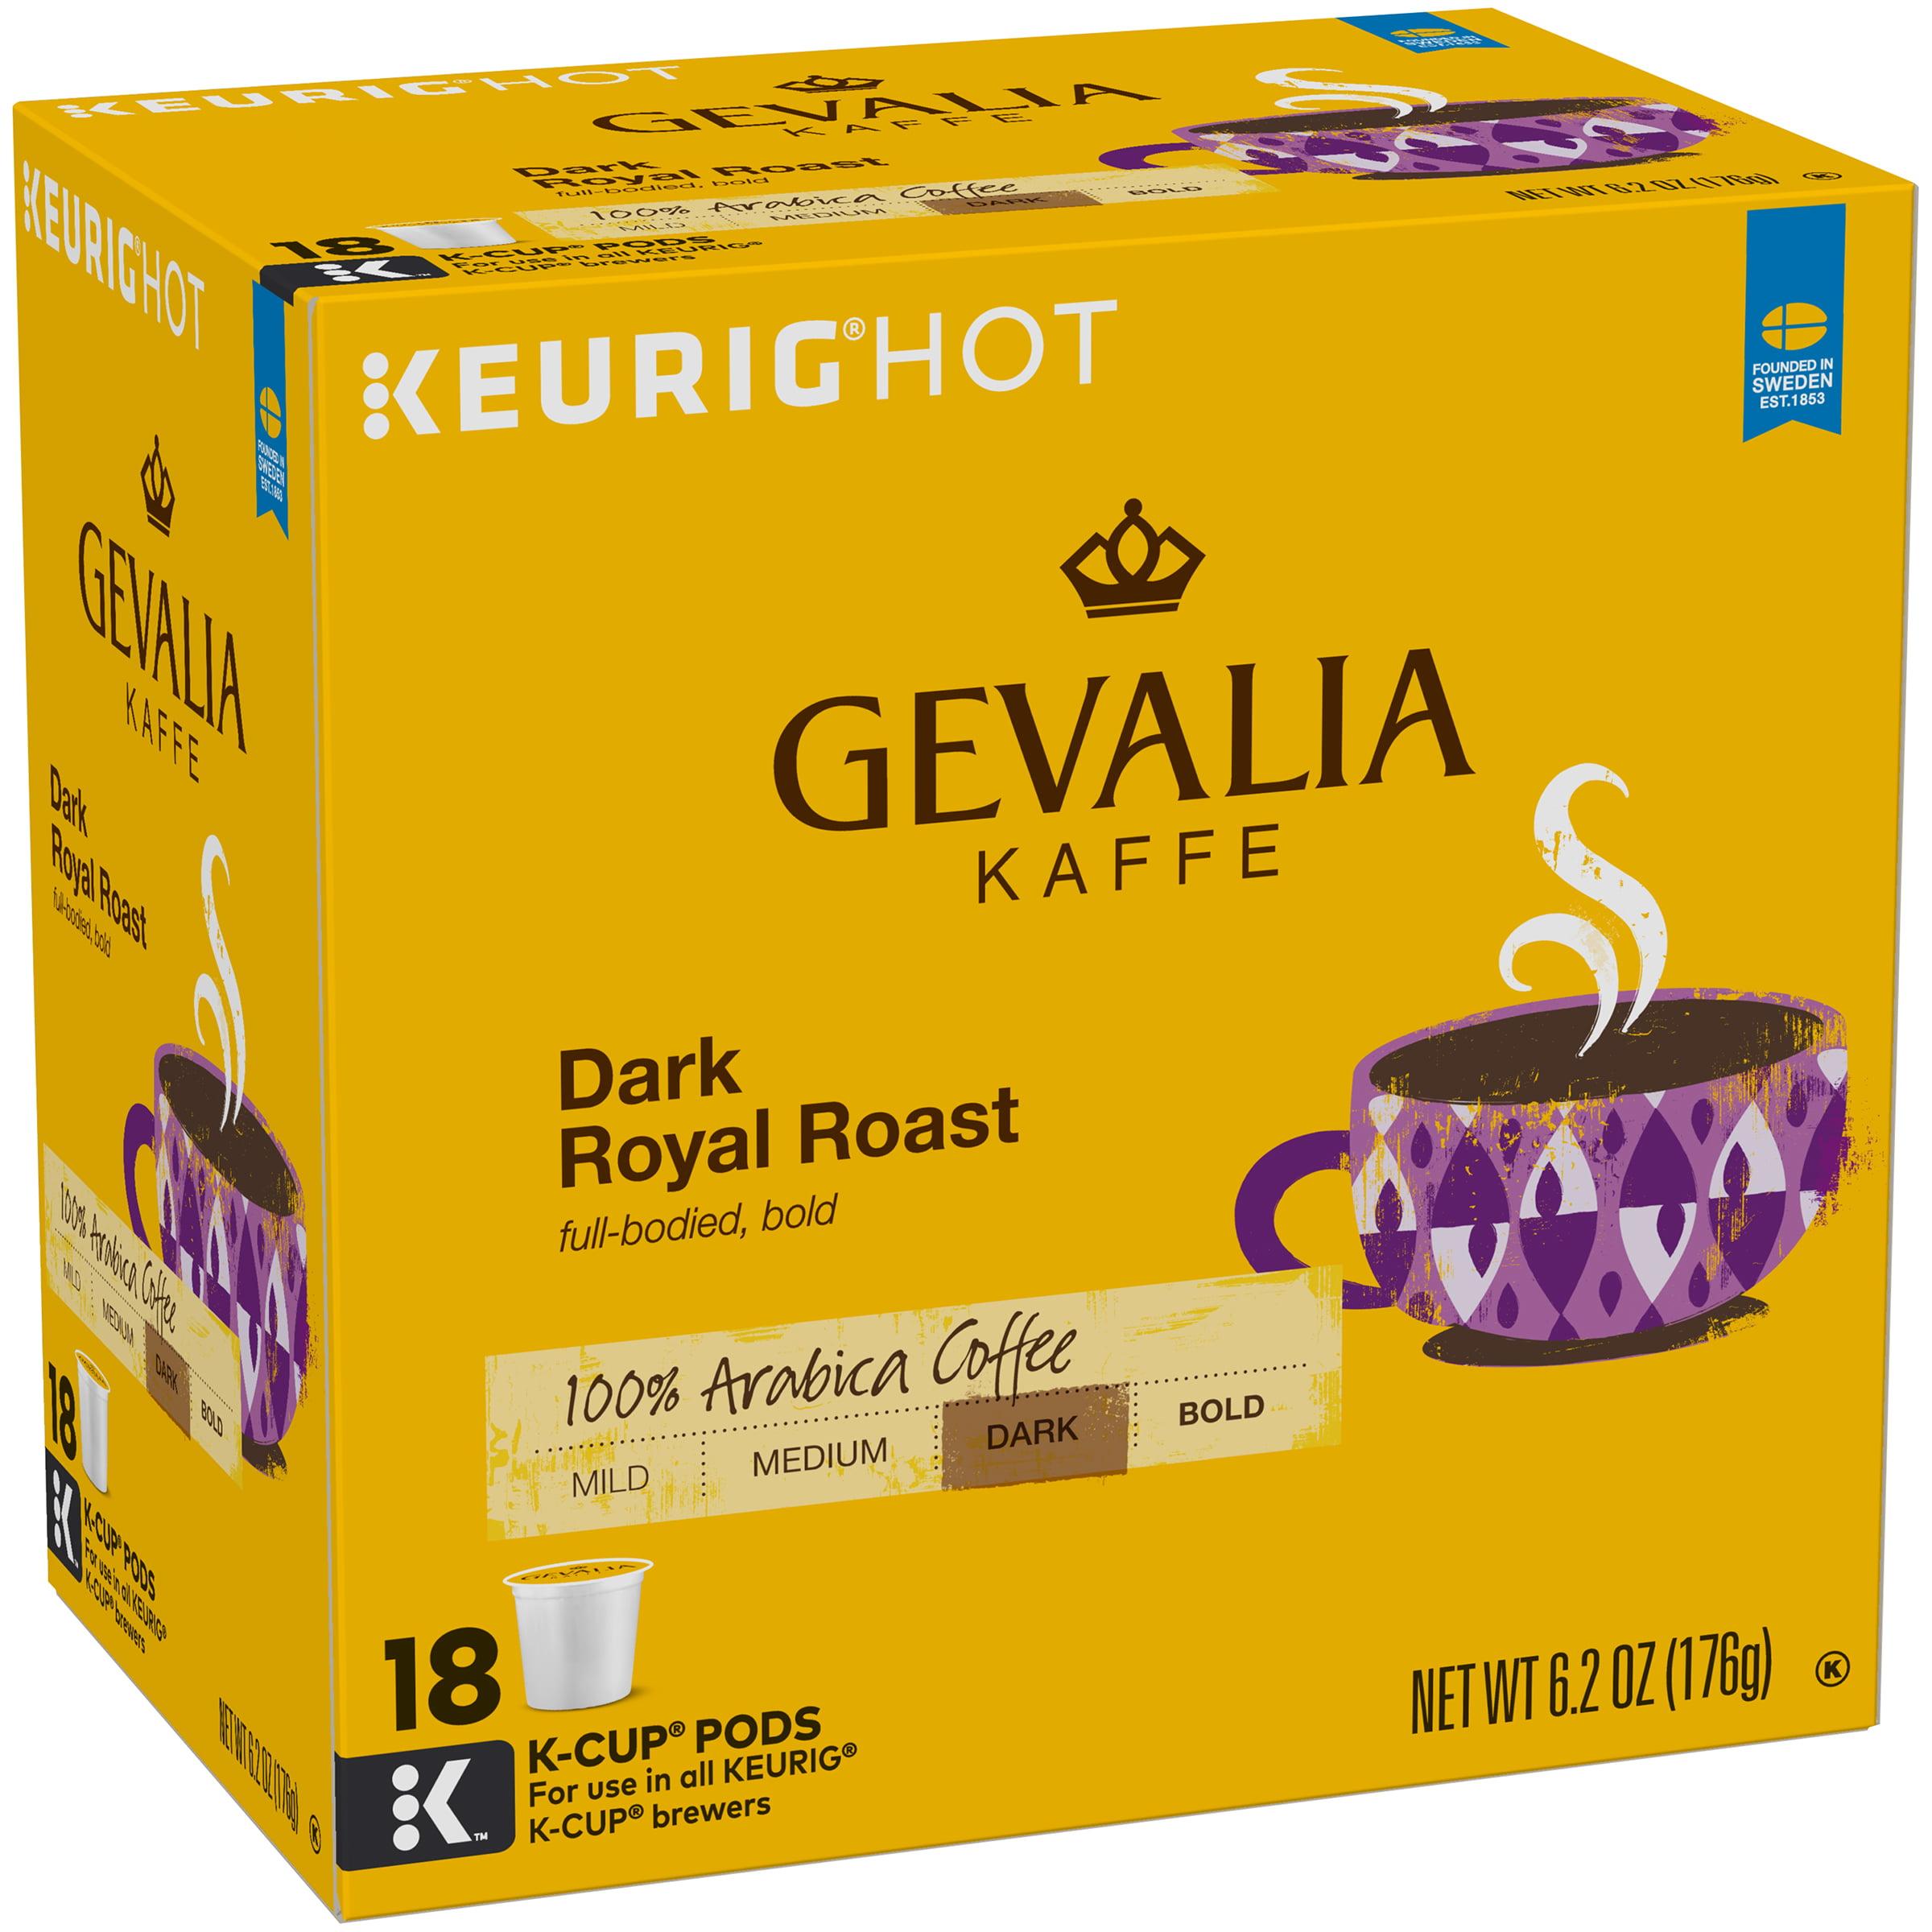 Pack Of 4 18 count K-CUP Pods GEVALIA Dark Royal Roast Coffee